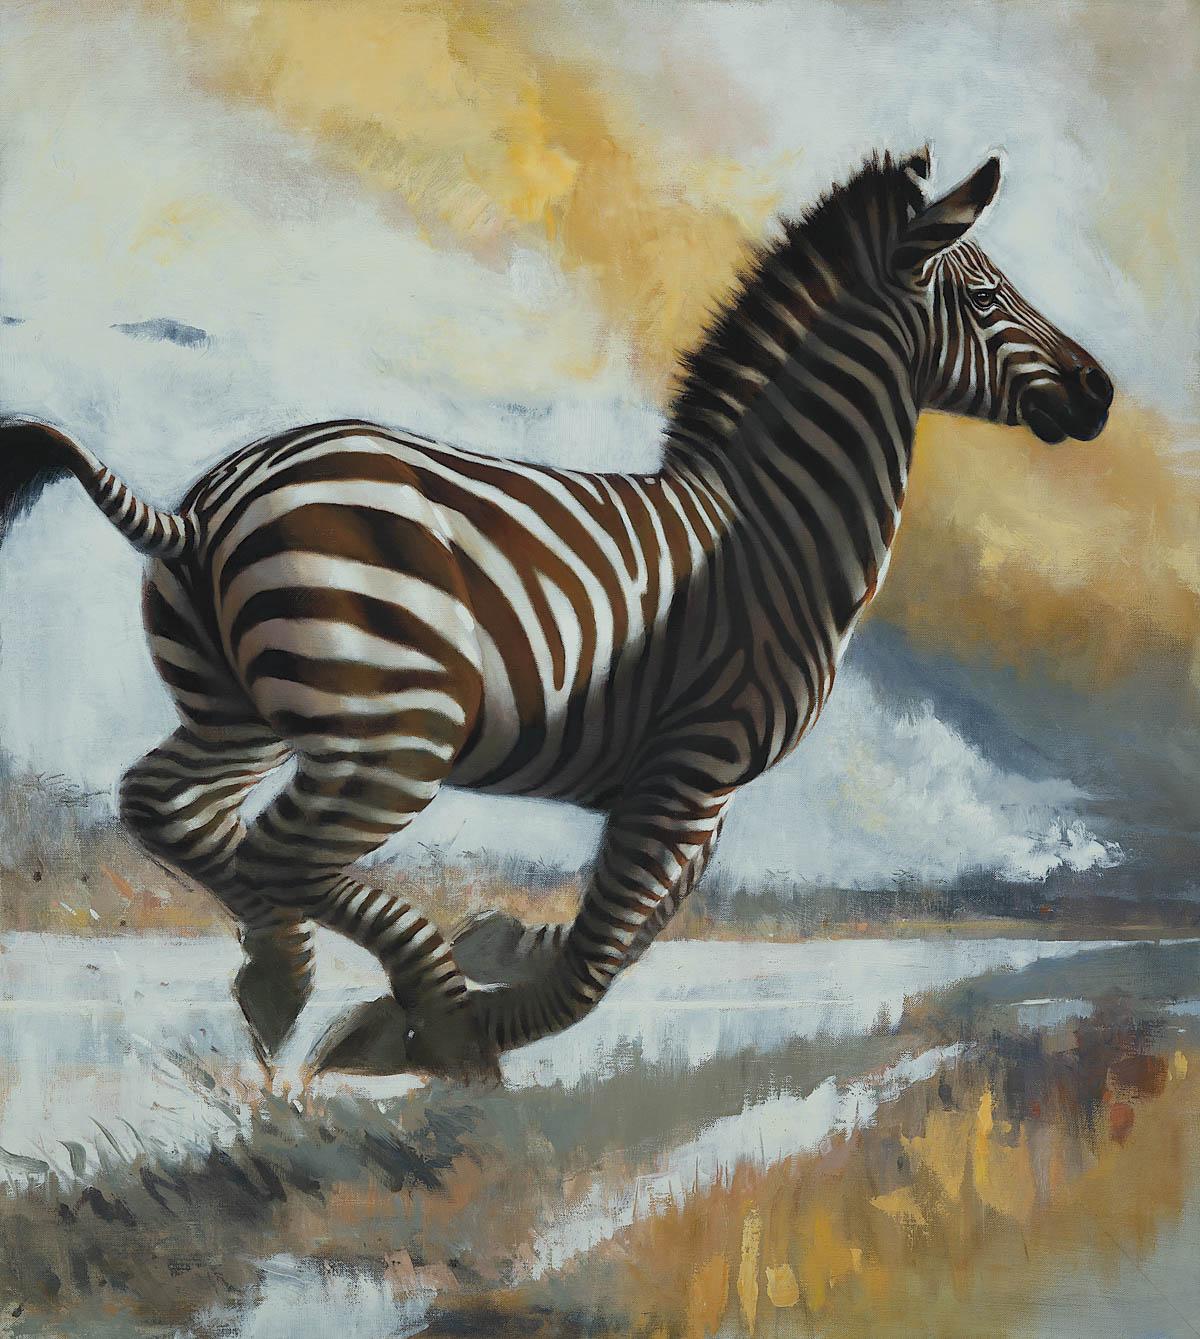 Striped Messenger. Veronica Hart, artist